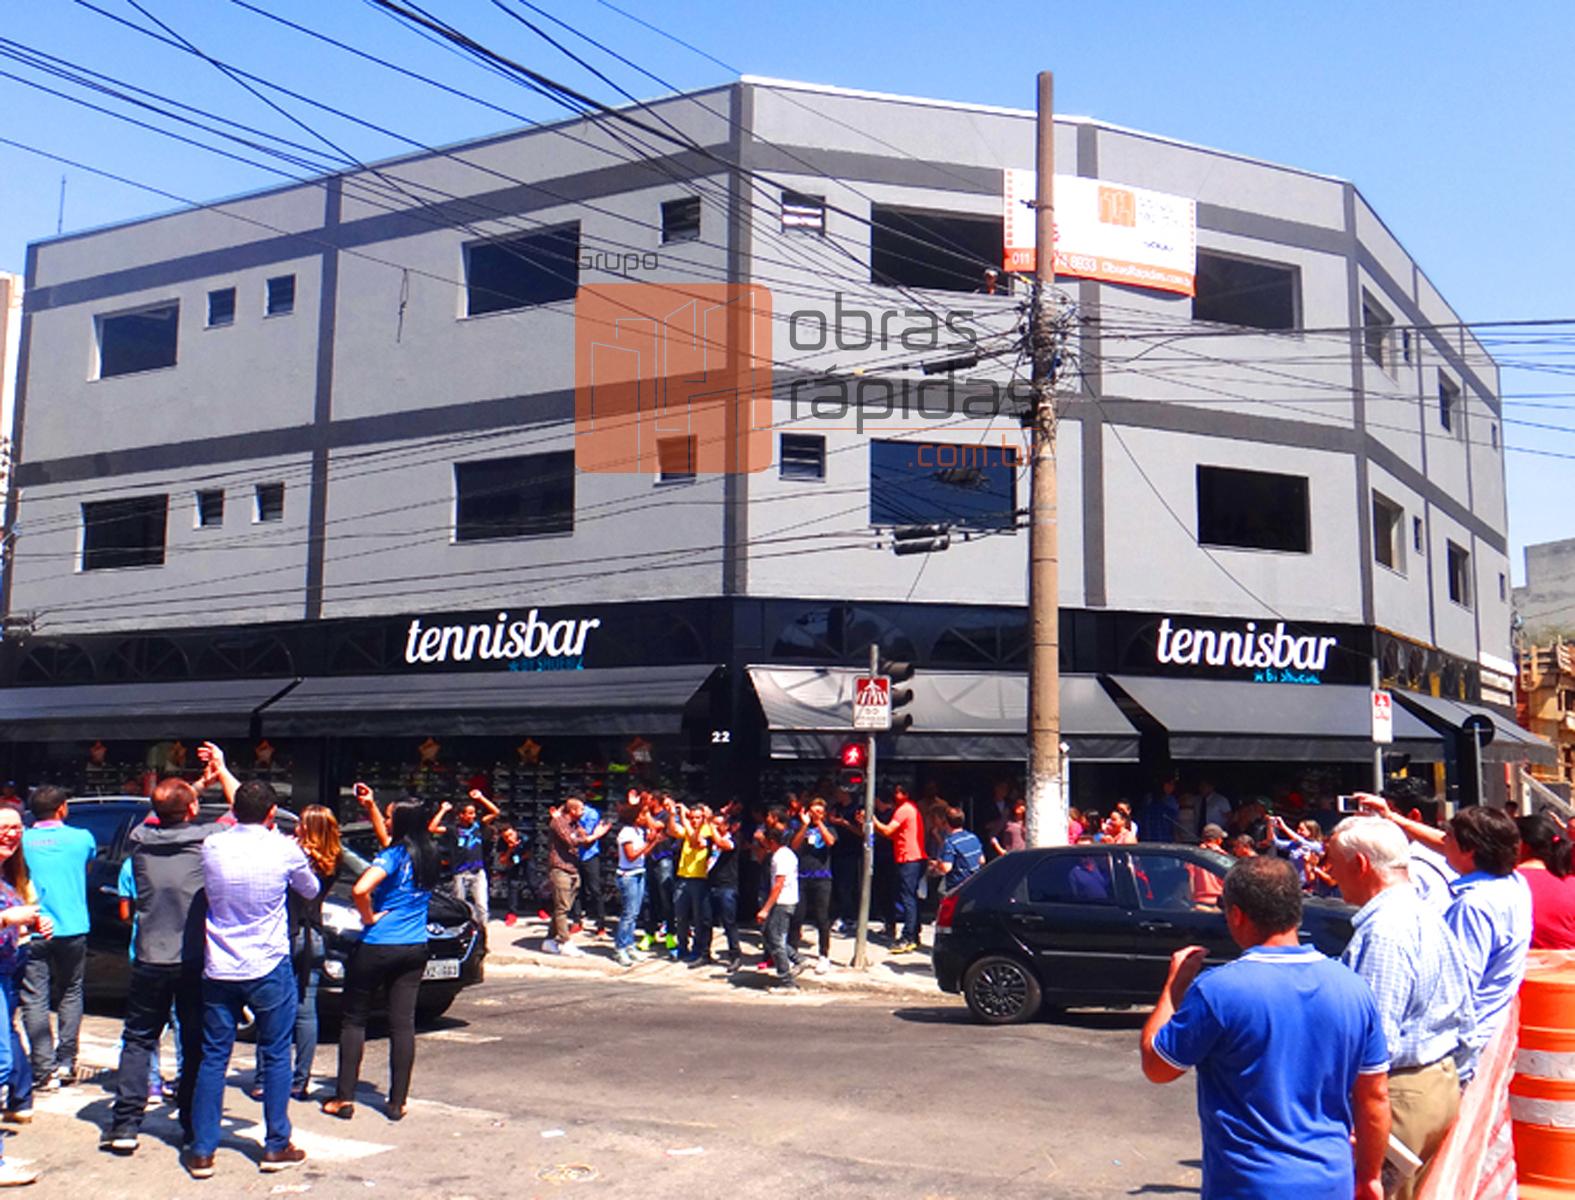 TennisBar - Santo Amaro SP